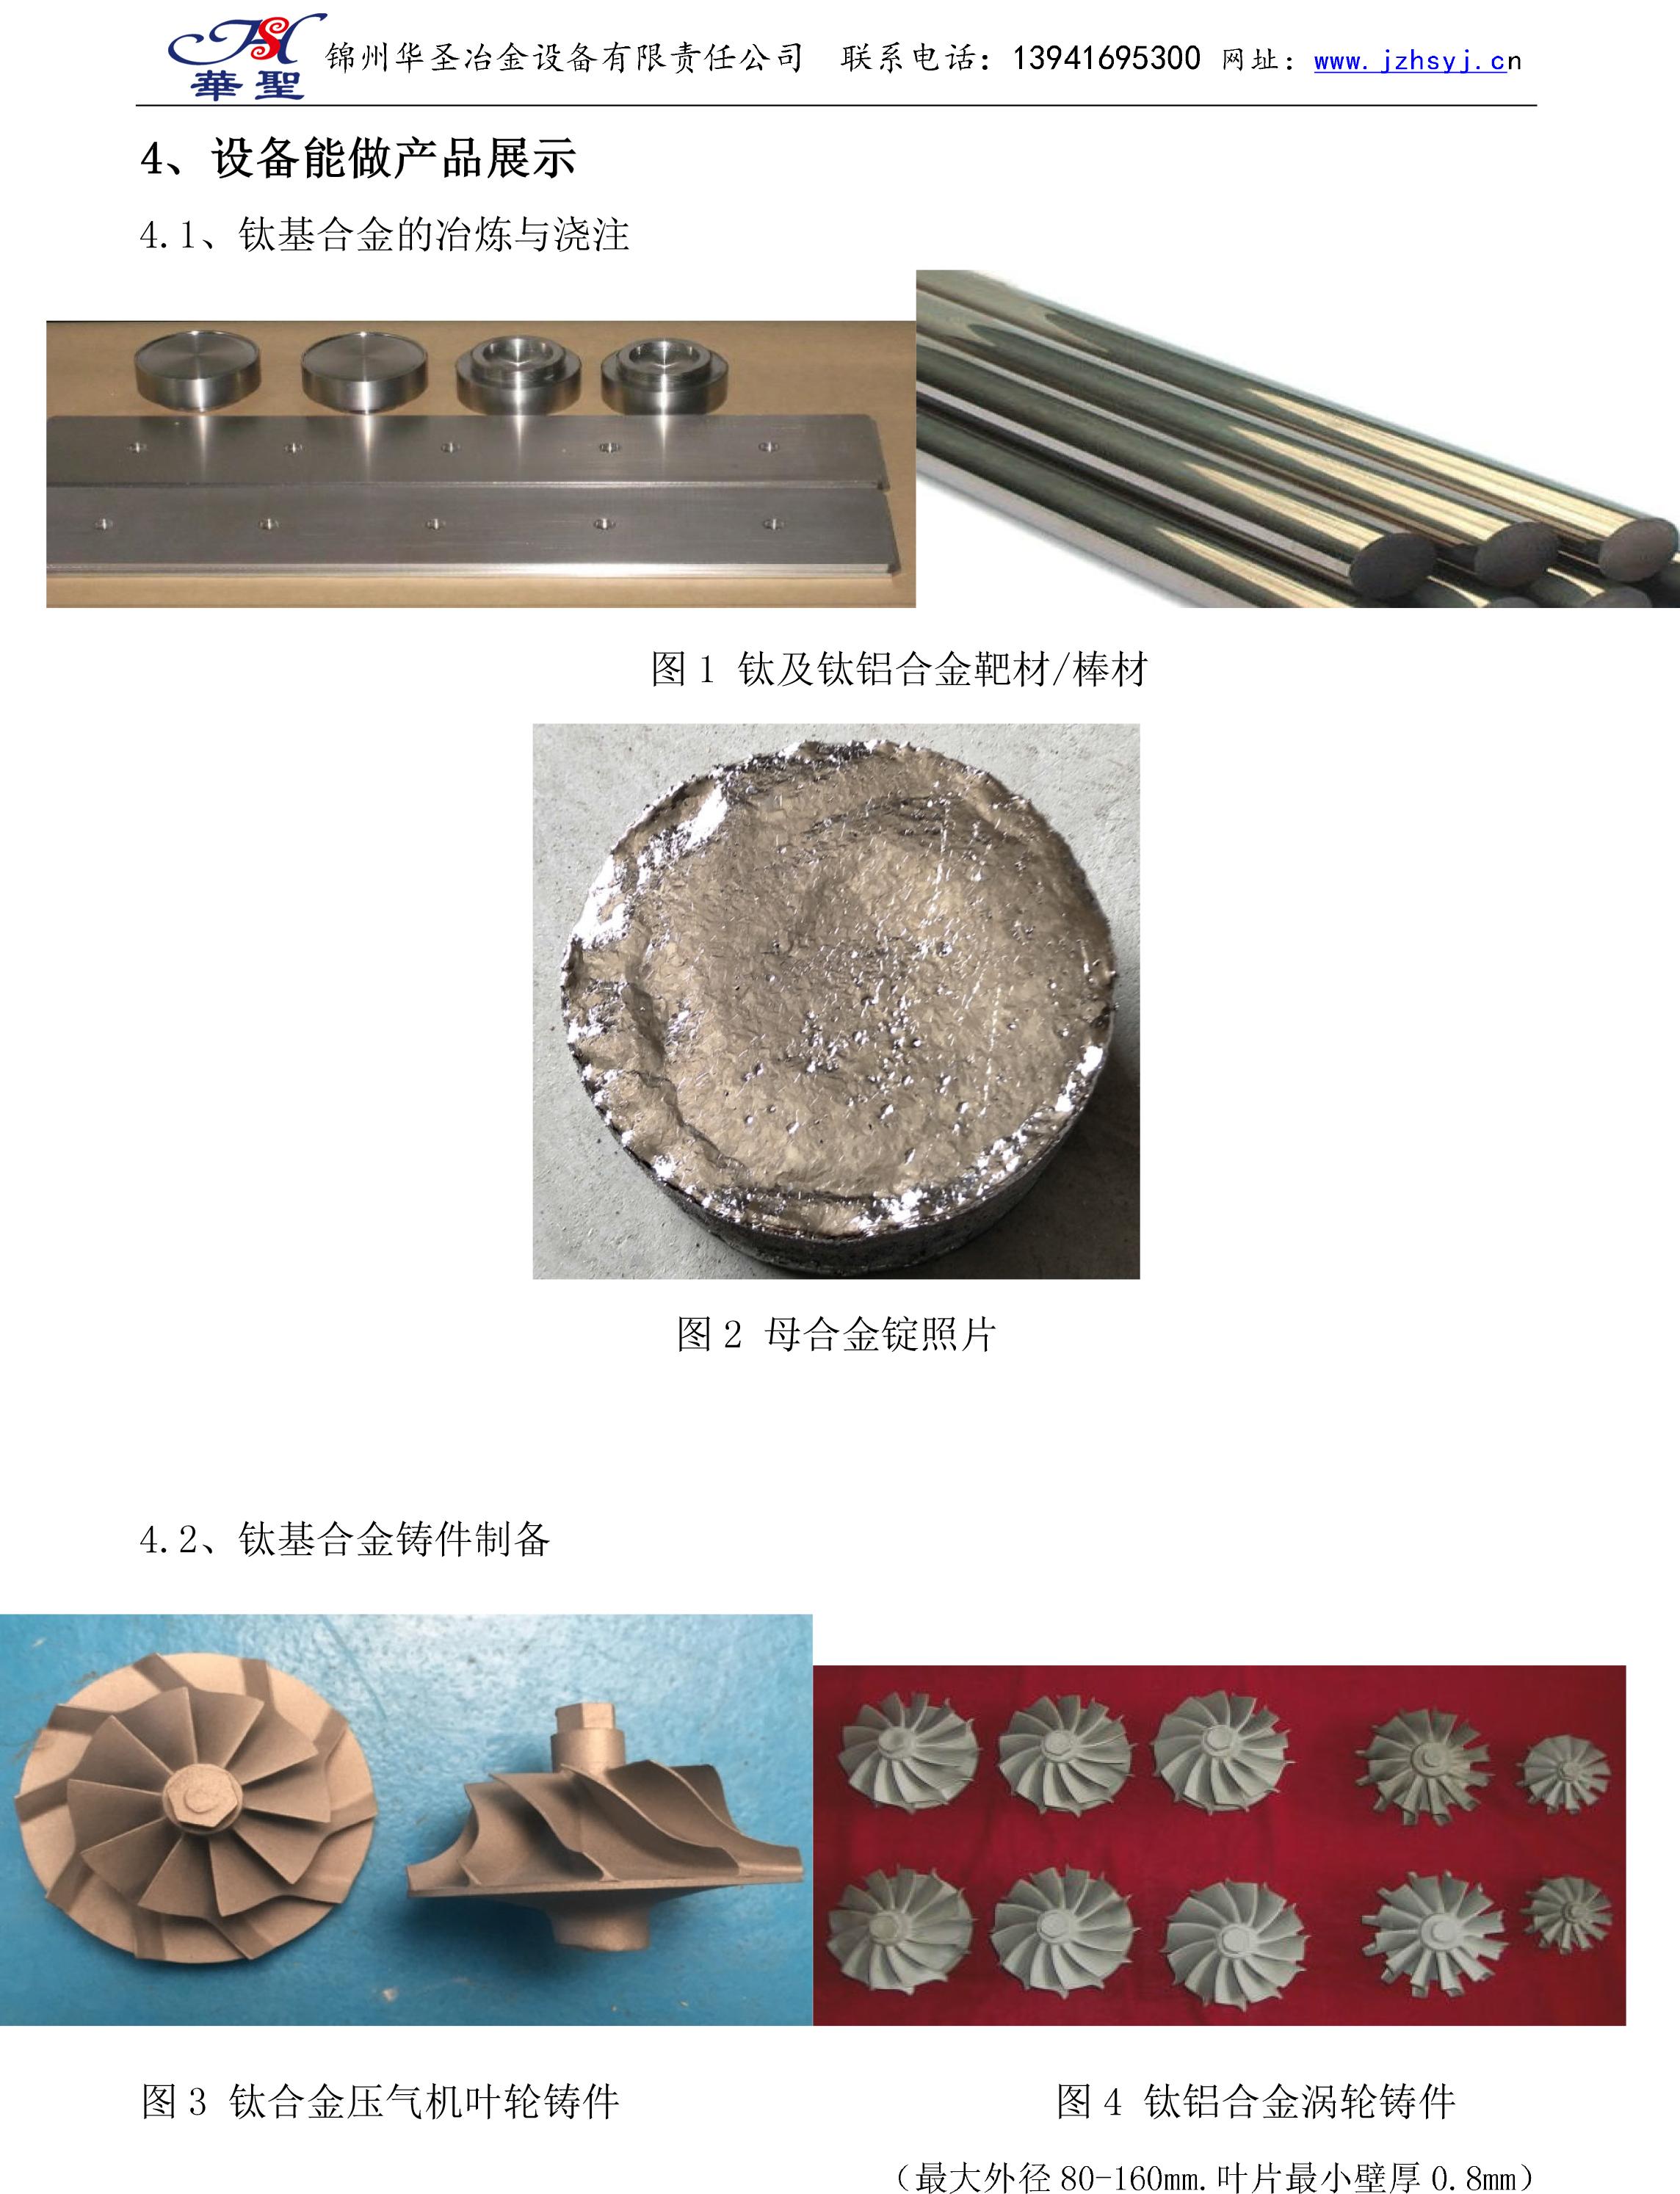 悬浮炉设备及产品介绍20180718-2.jpg